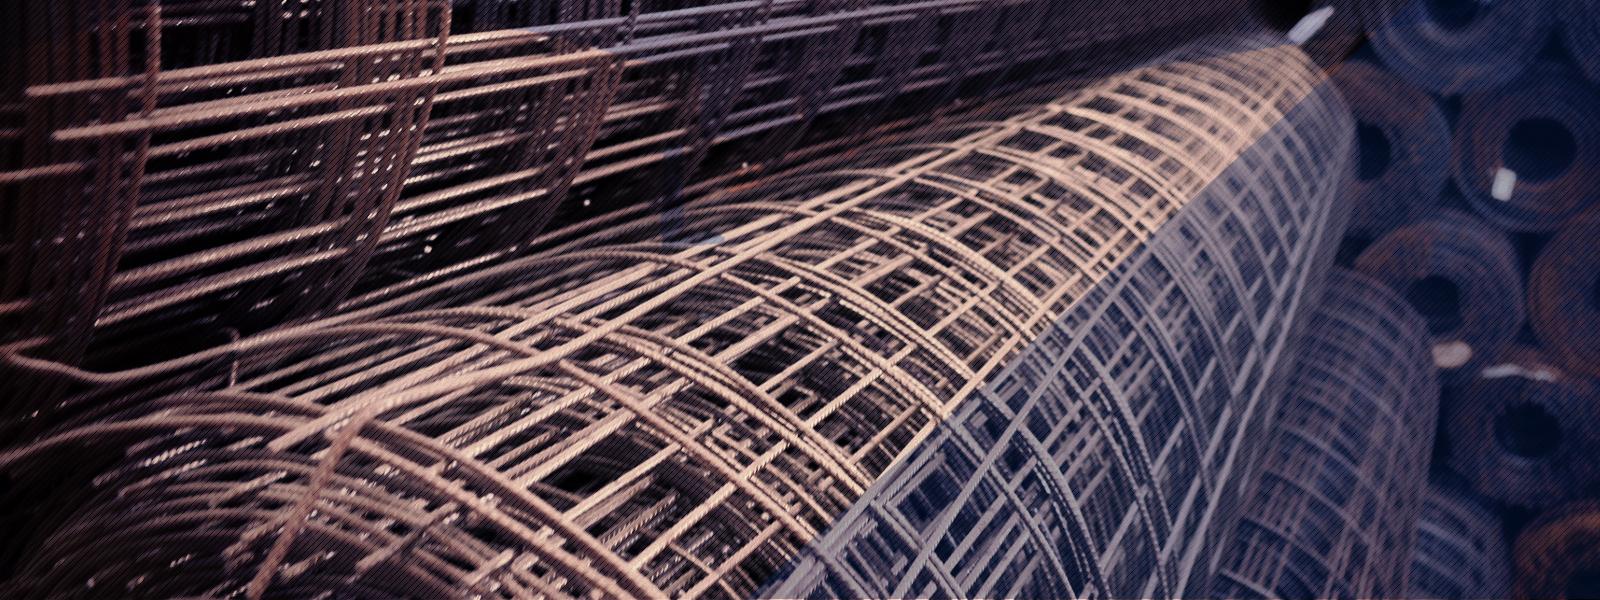 Grupo granada materiales para construcci n cementantes - Materiales de construccion precios espana ...